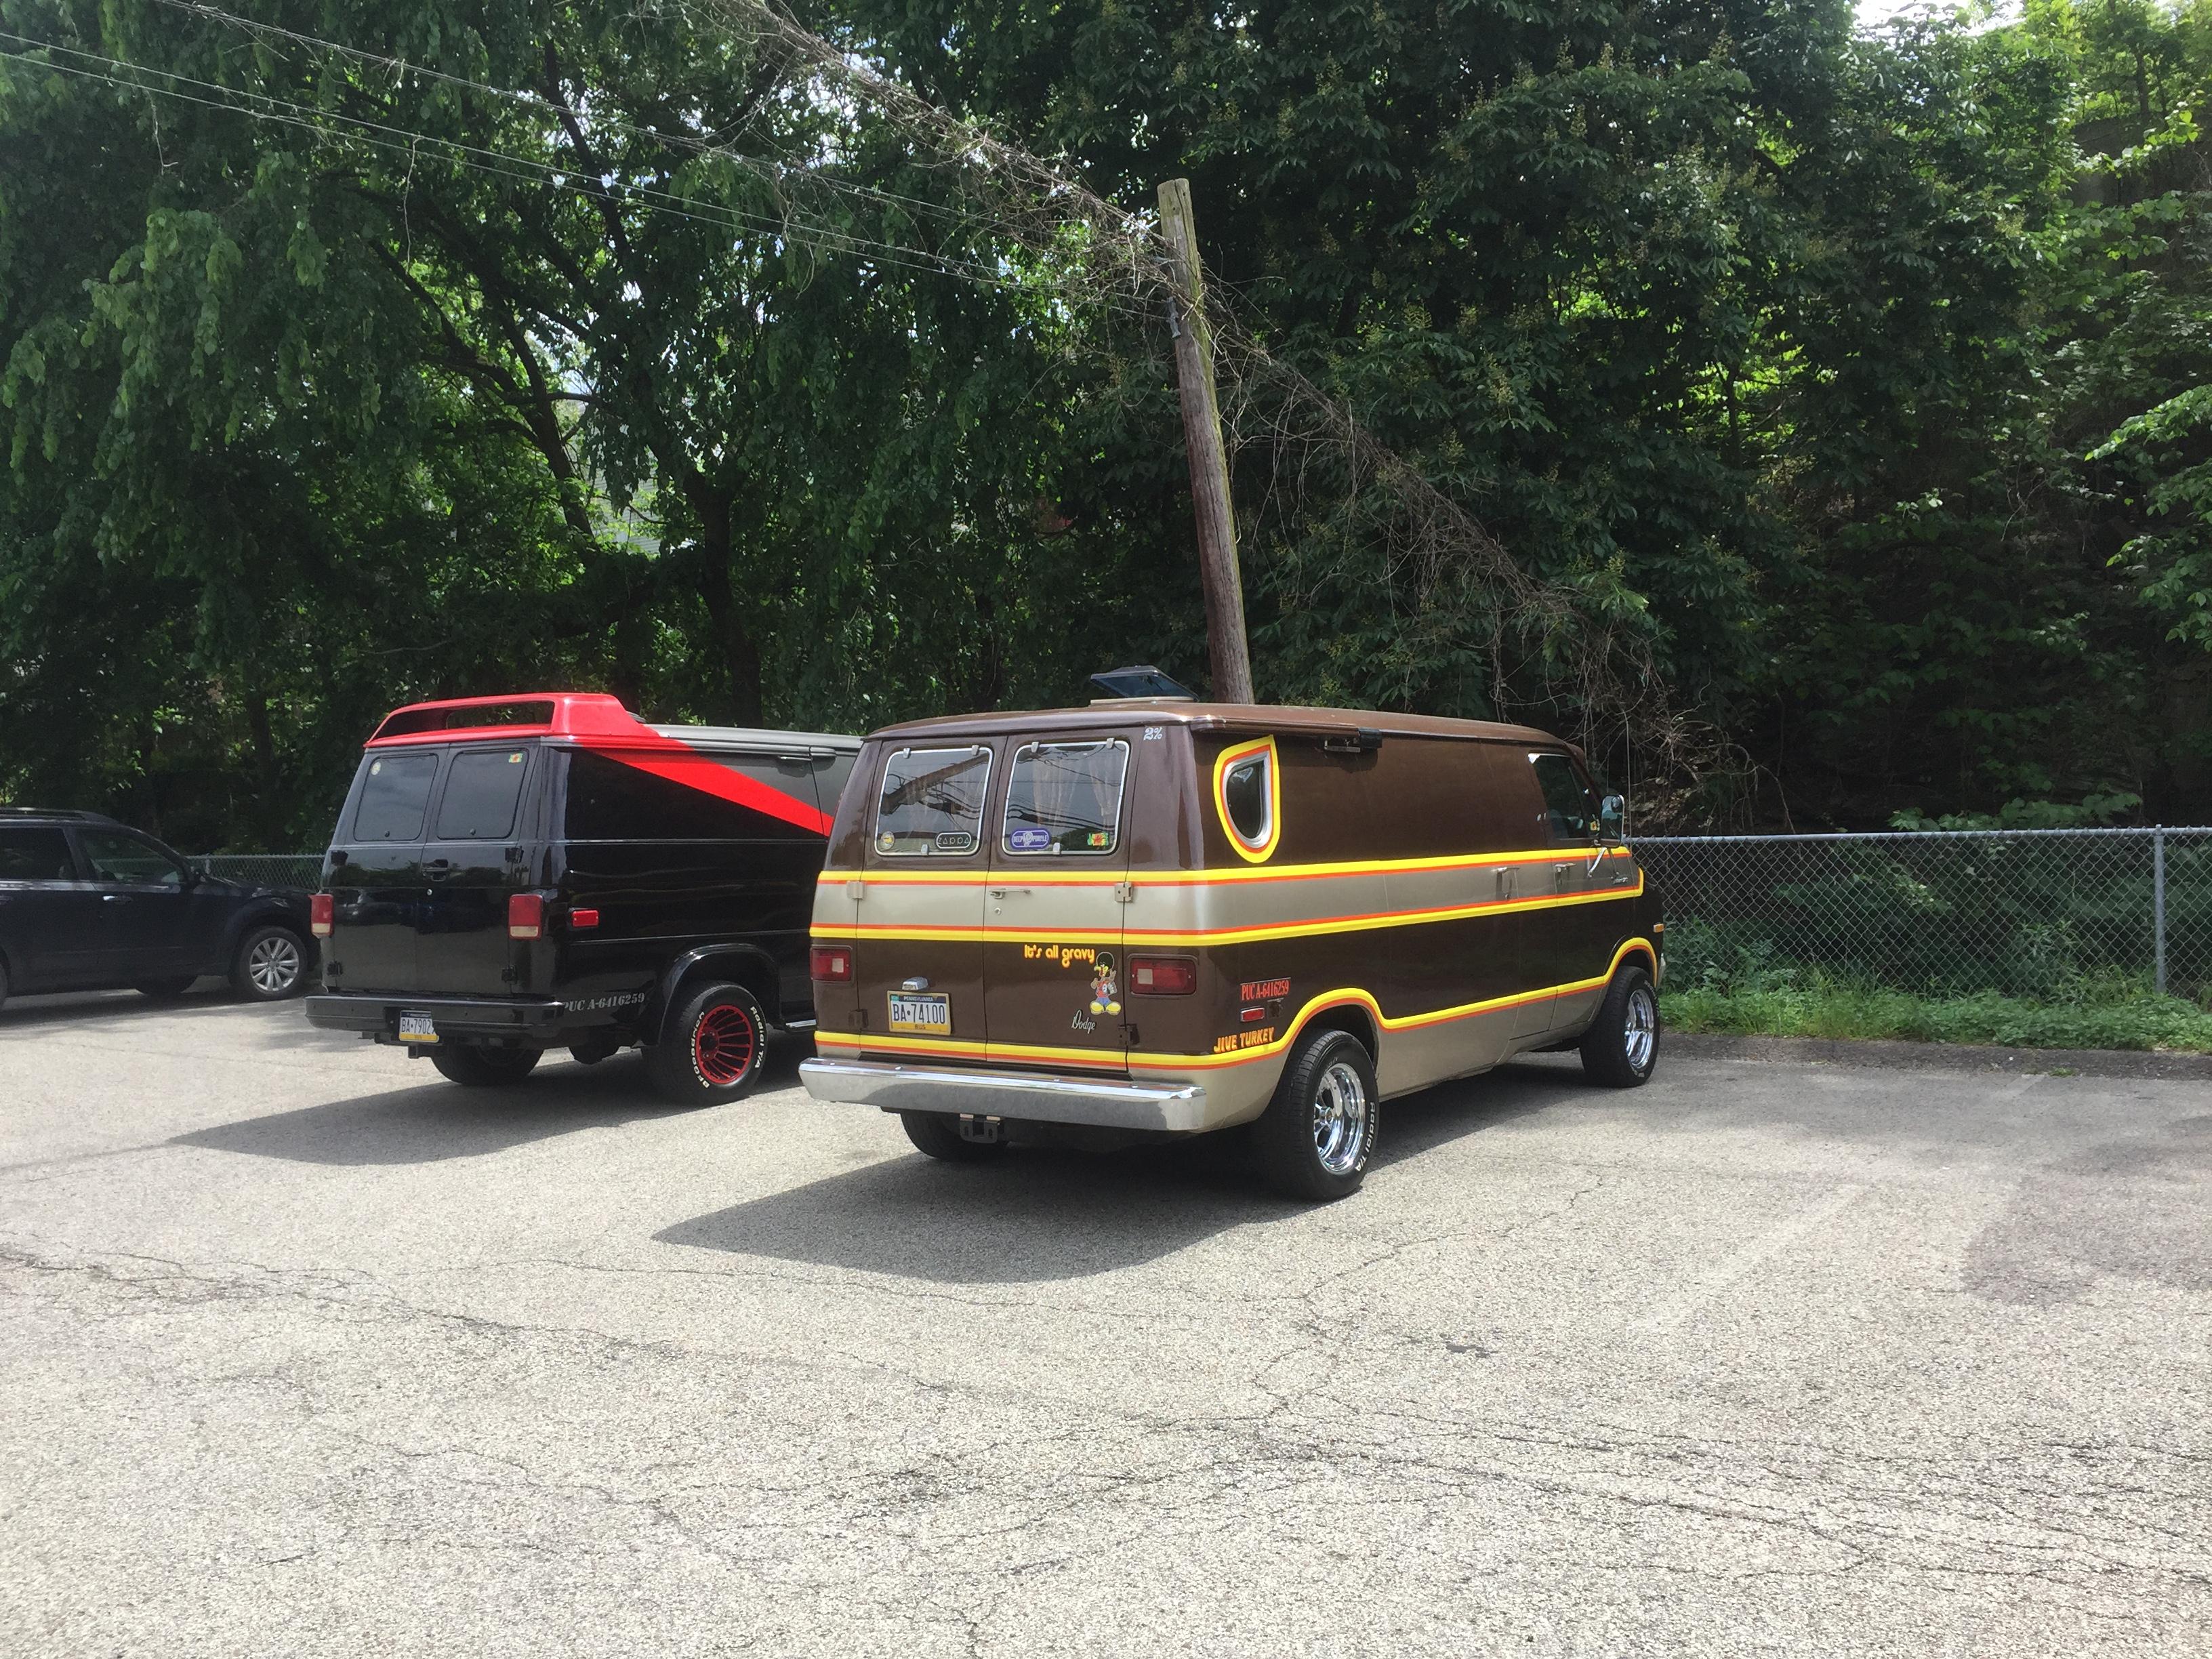 Grist House Back Parking Lot